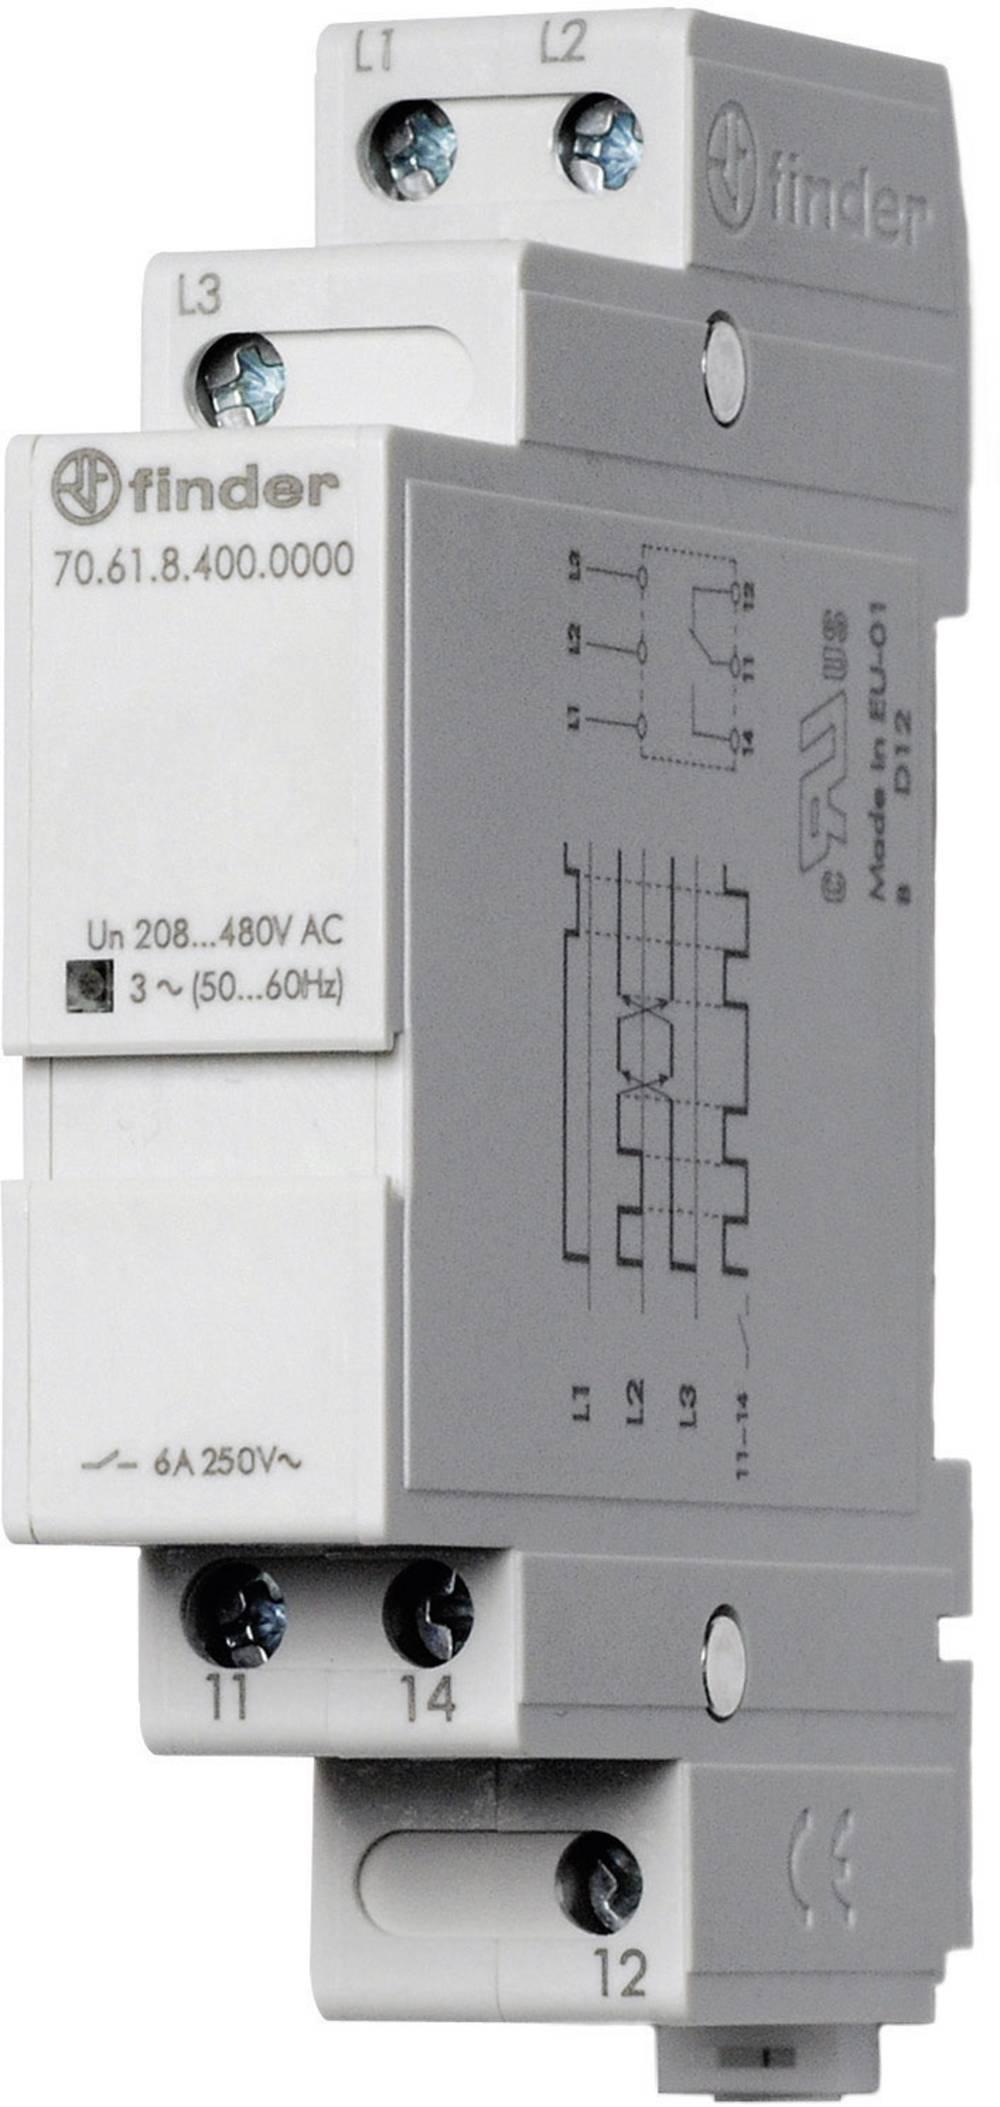 Finder 70.61.8.400.0000-Nadzorni rele 3-faznega omrežja (208-480 V/AC) 72.31.8.400.0000